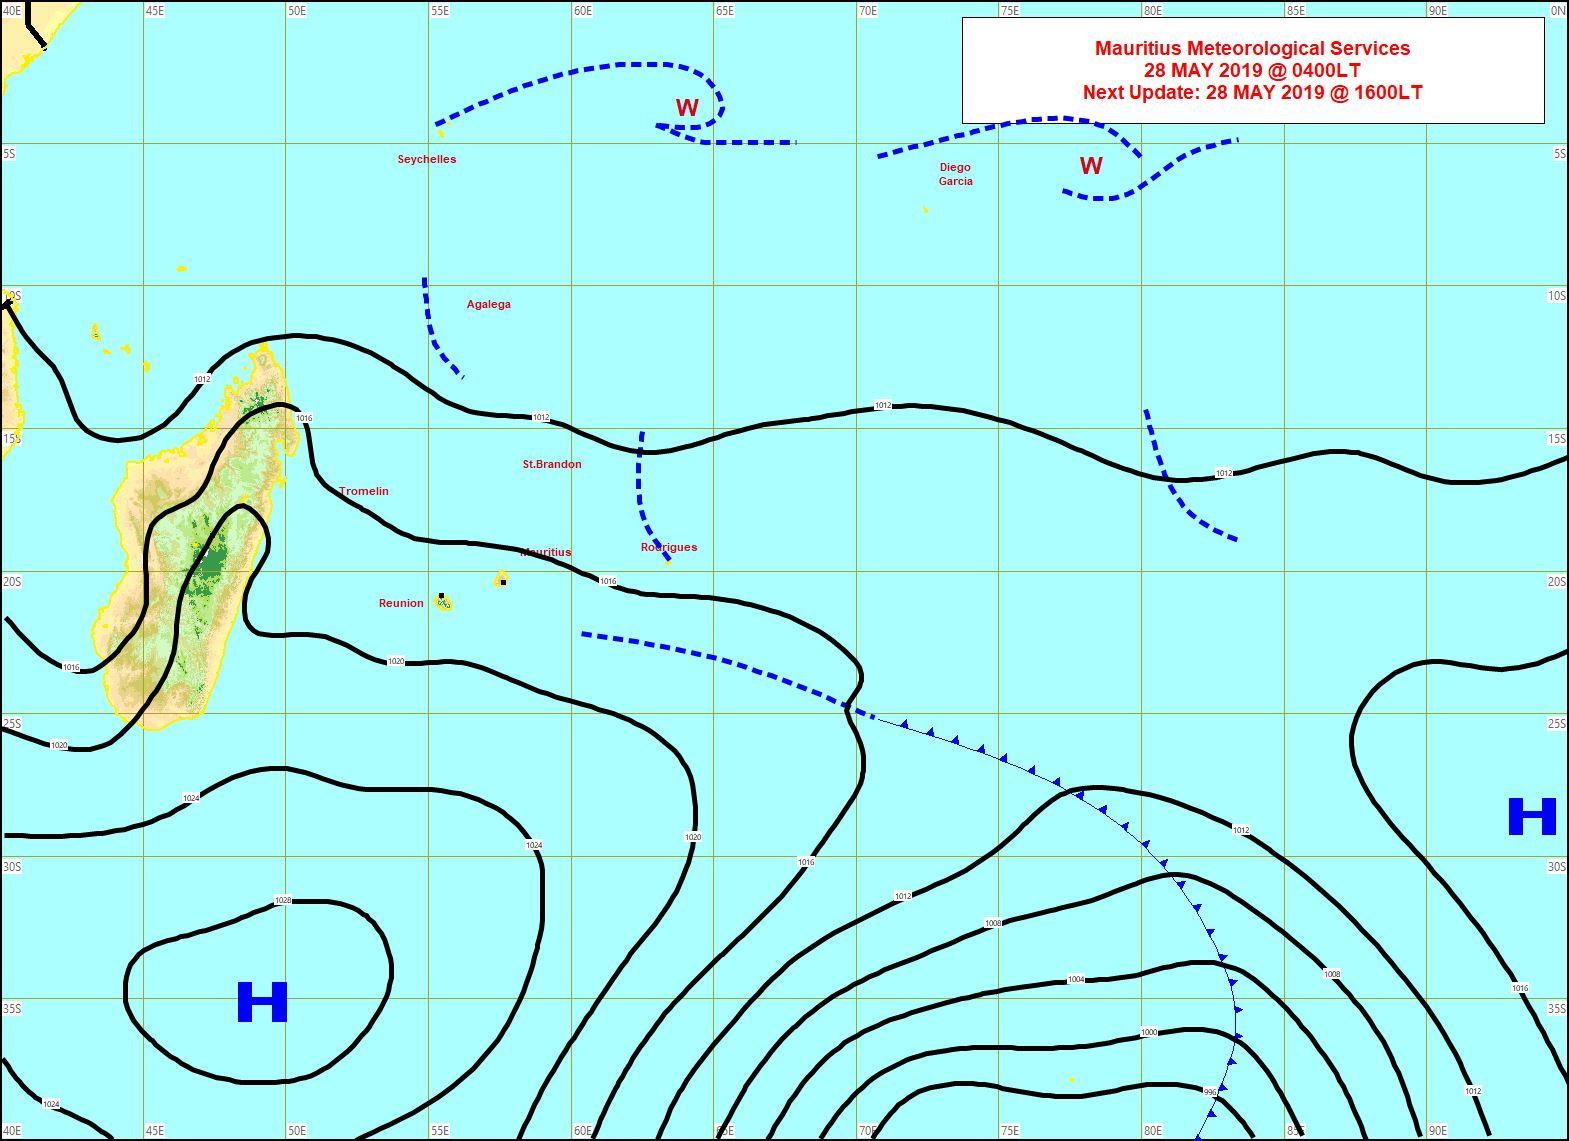 Analyse de la situation en surface à 4heures ce matin. L'anticyclone est pratiquement au sud des Iles Soeurs. MMS